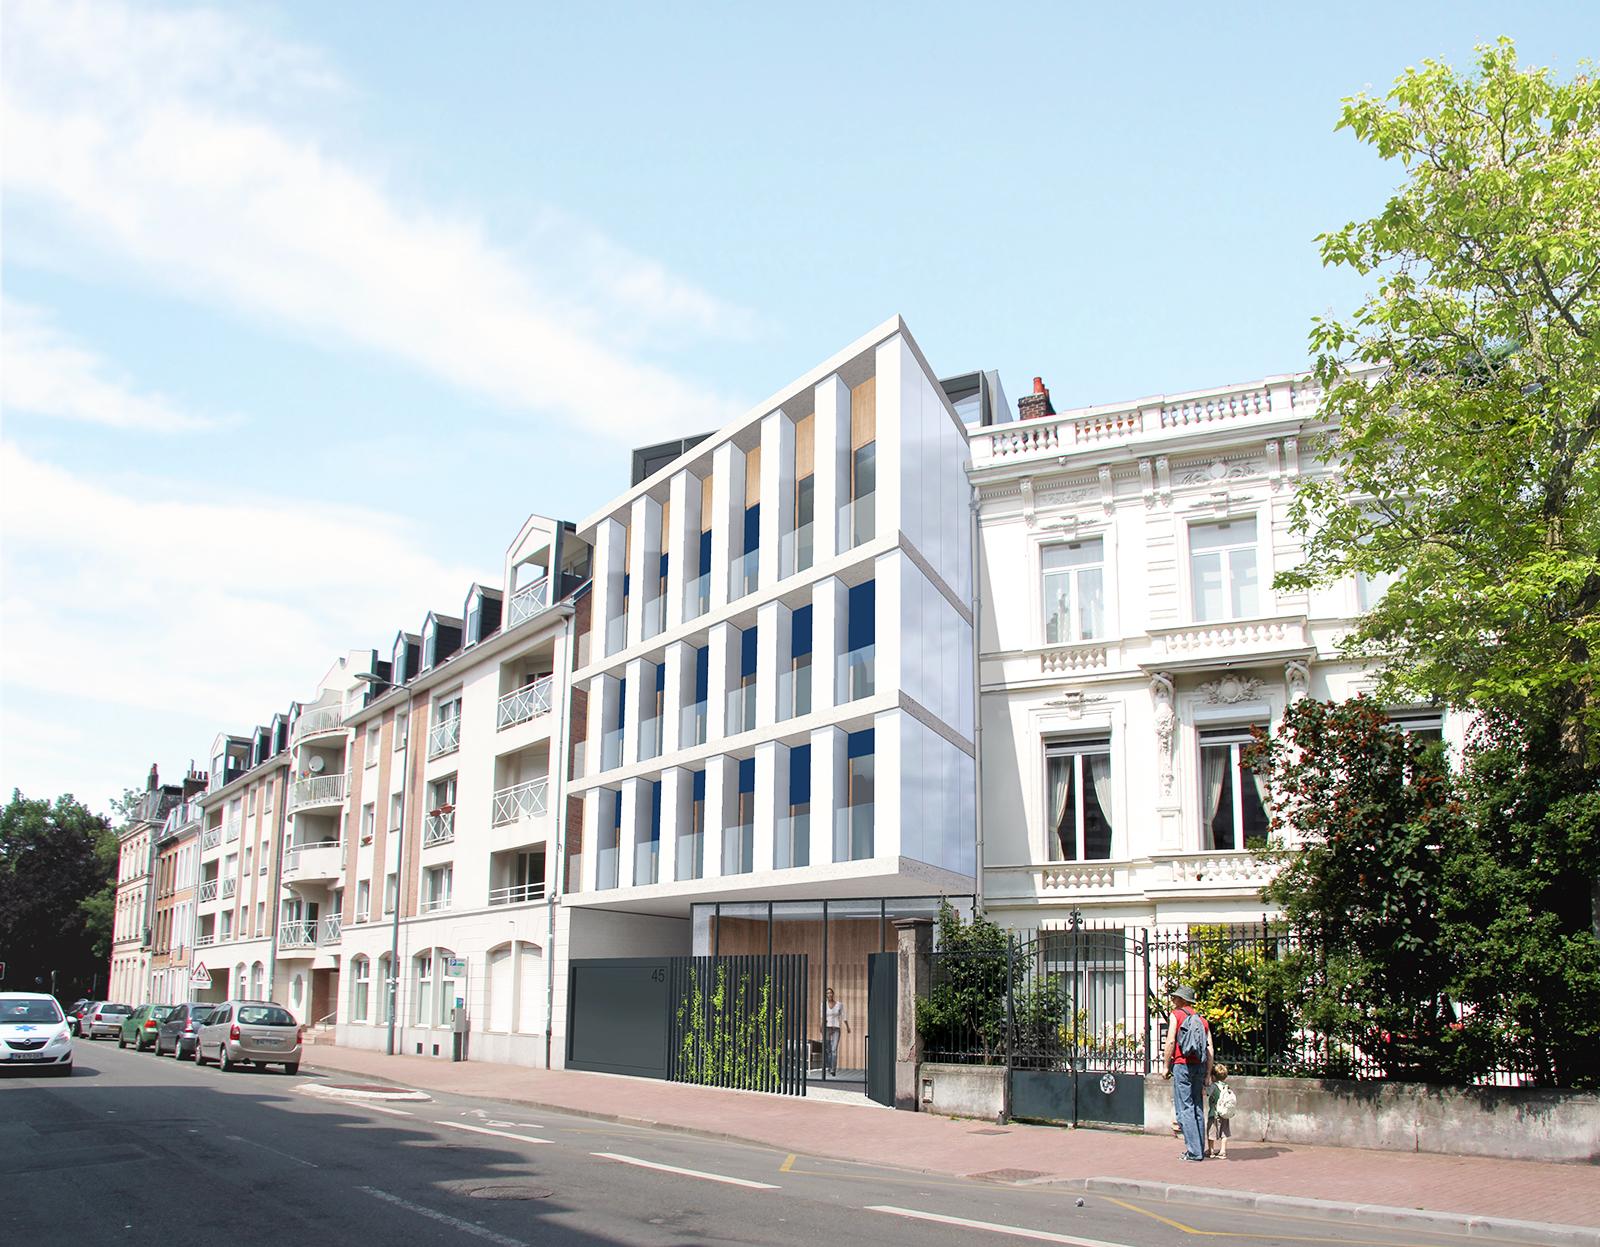 Logements solf rino lille 59 ccarchitecte for O architecture lille